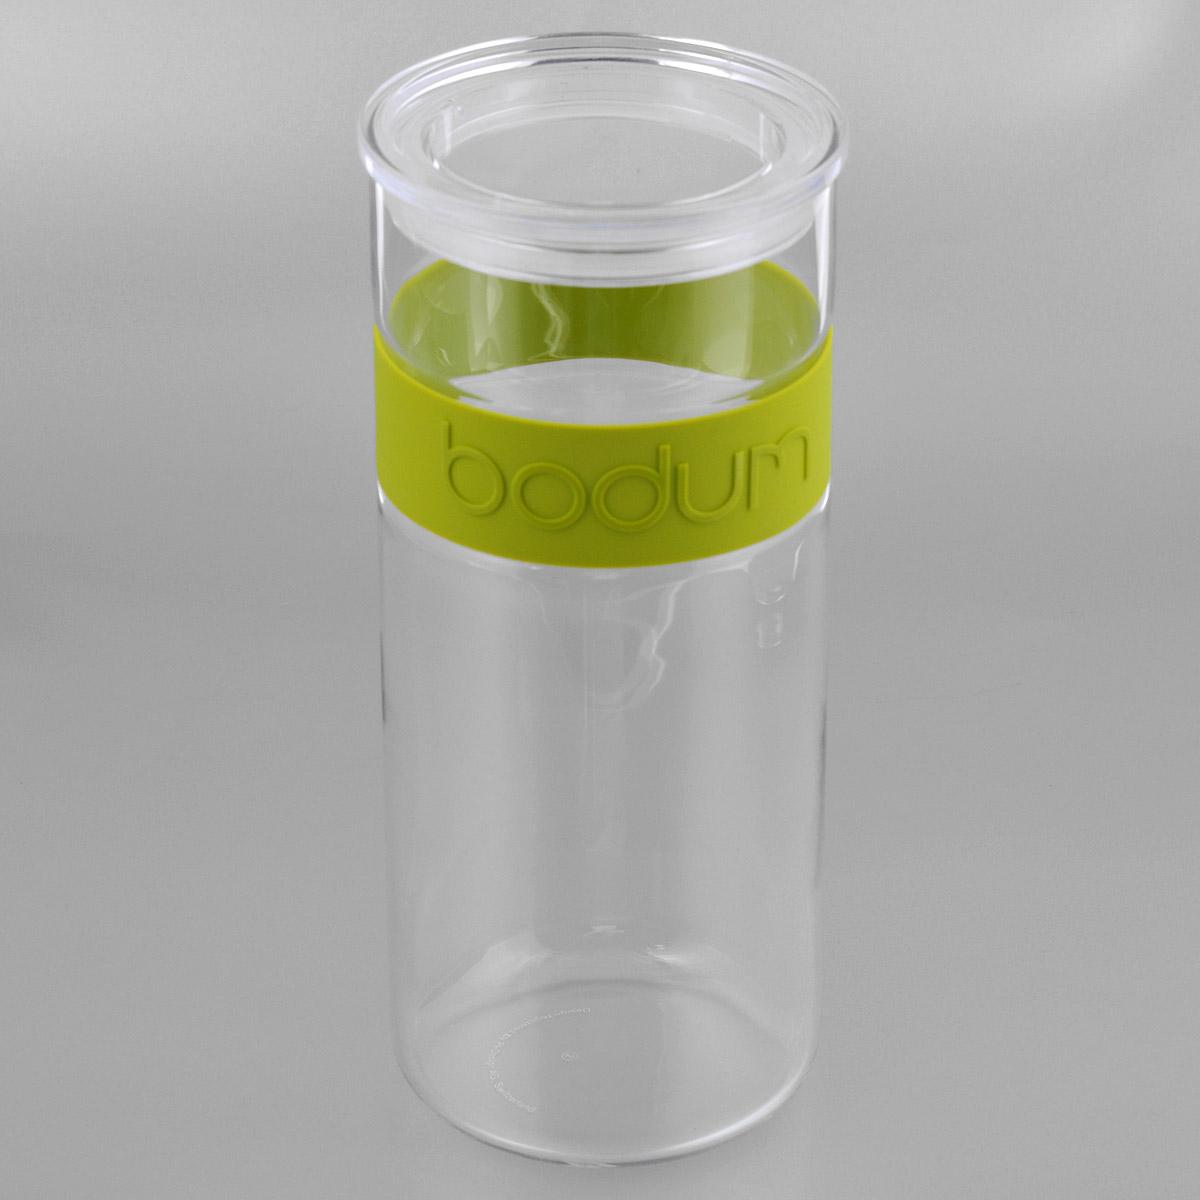 """Банка для хранения Bodum """"Presso"""", цвет: зеленый, 2,5 л 11131-565"""